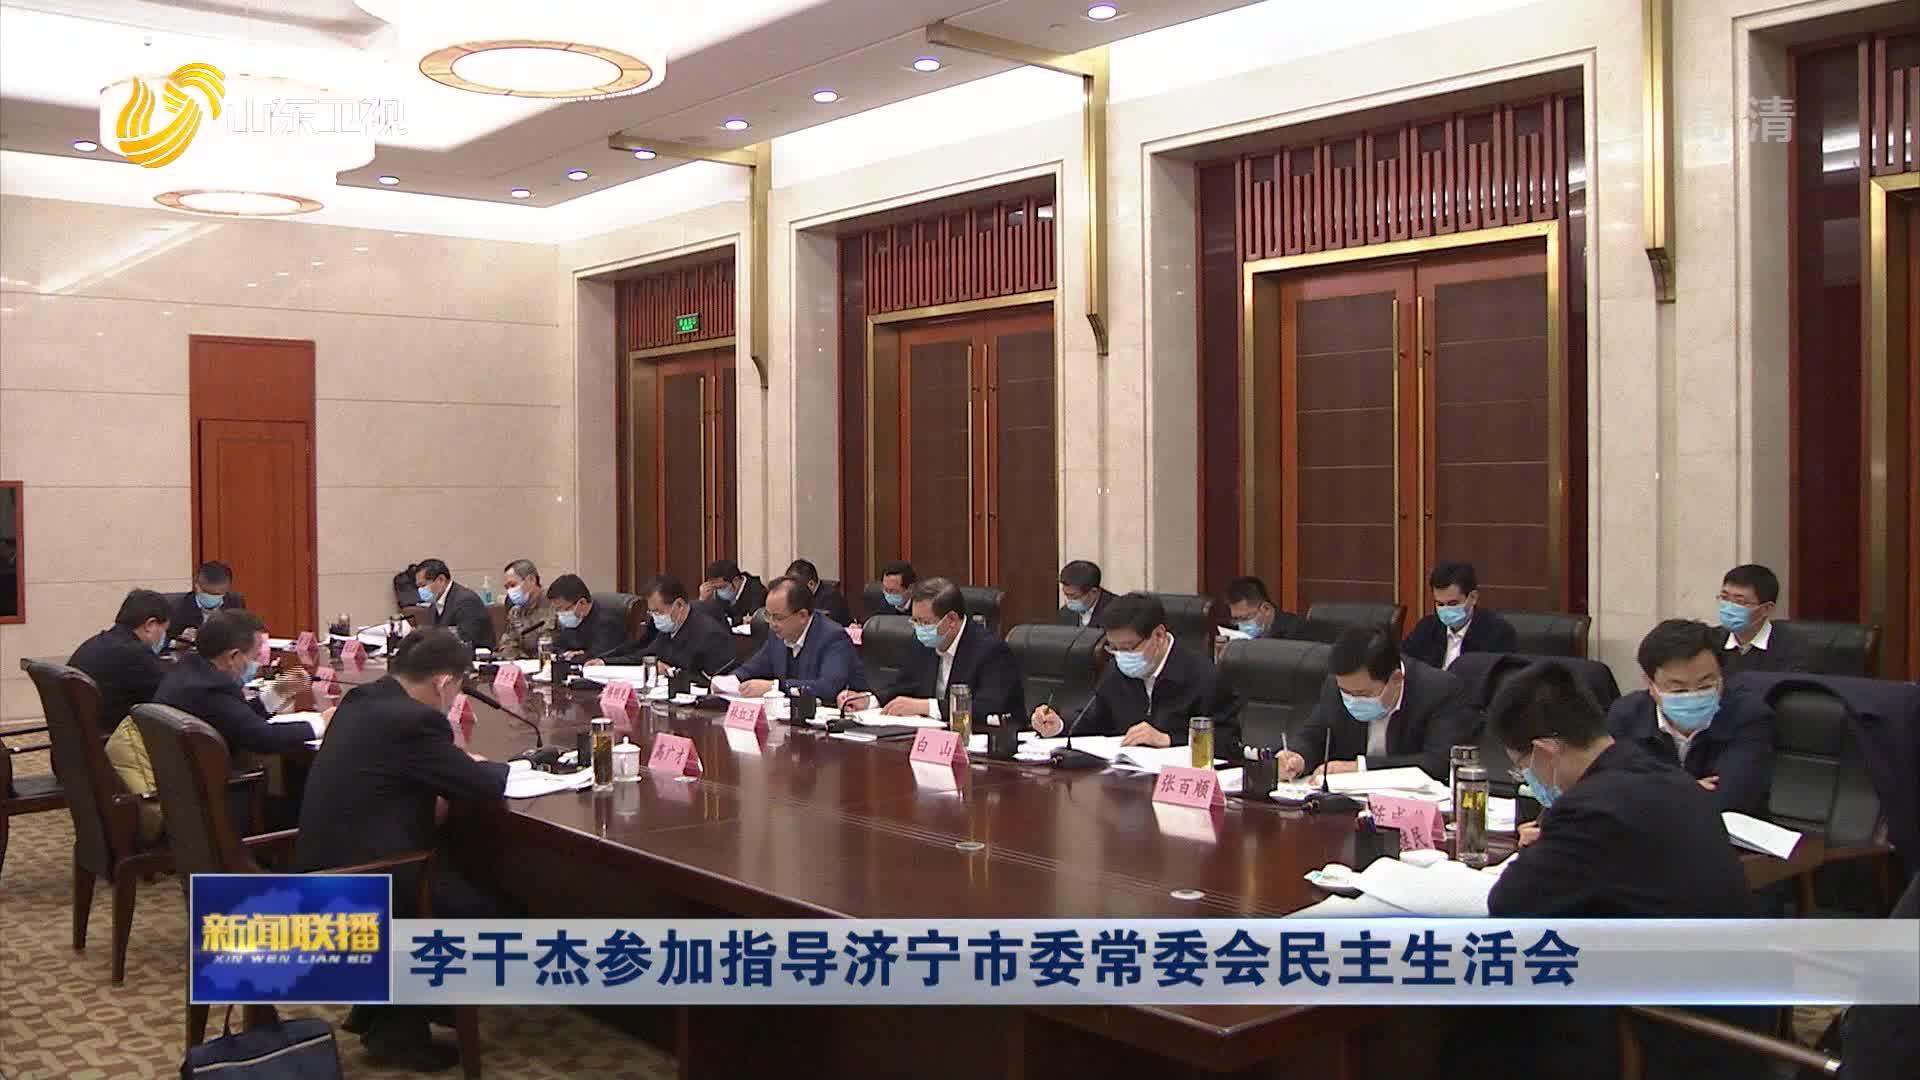 李干杰参加指导济宁市委常委会民主生活会